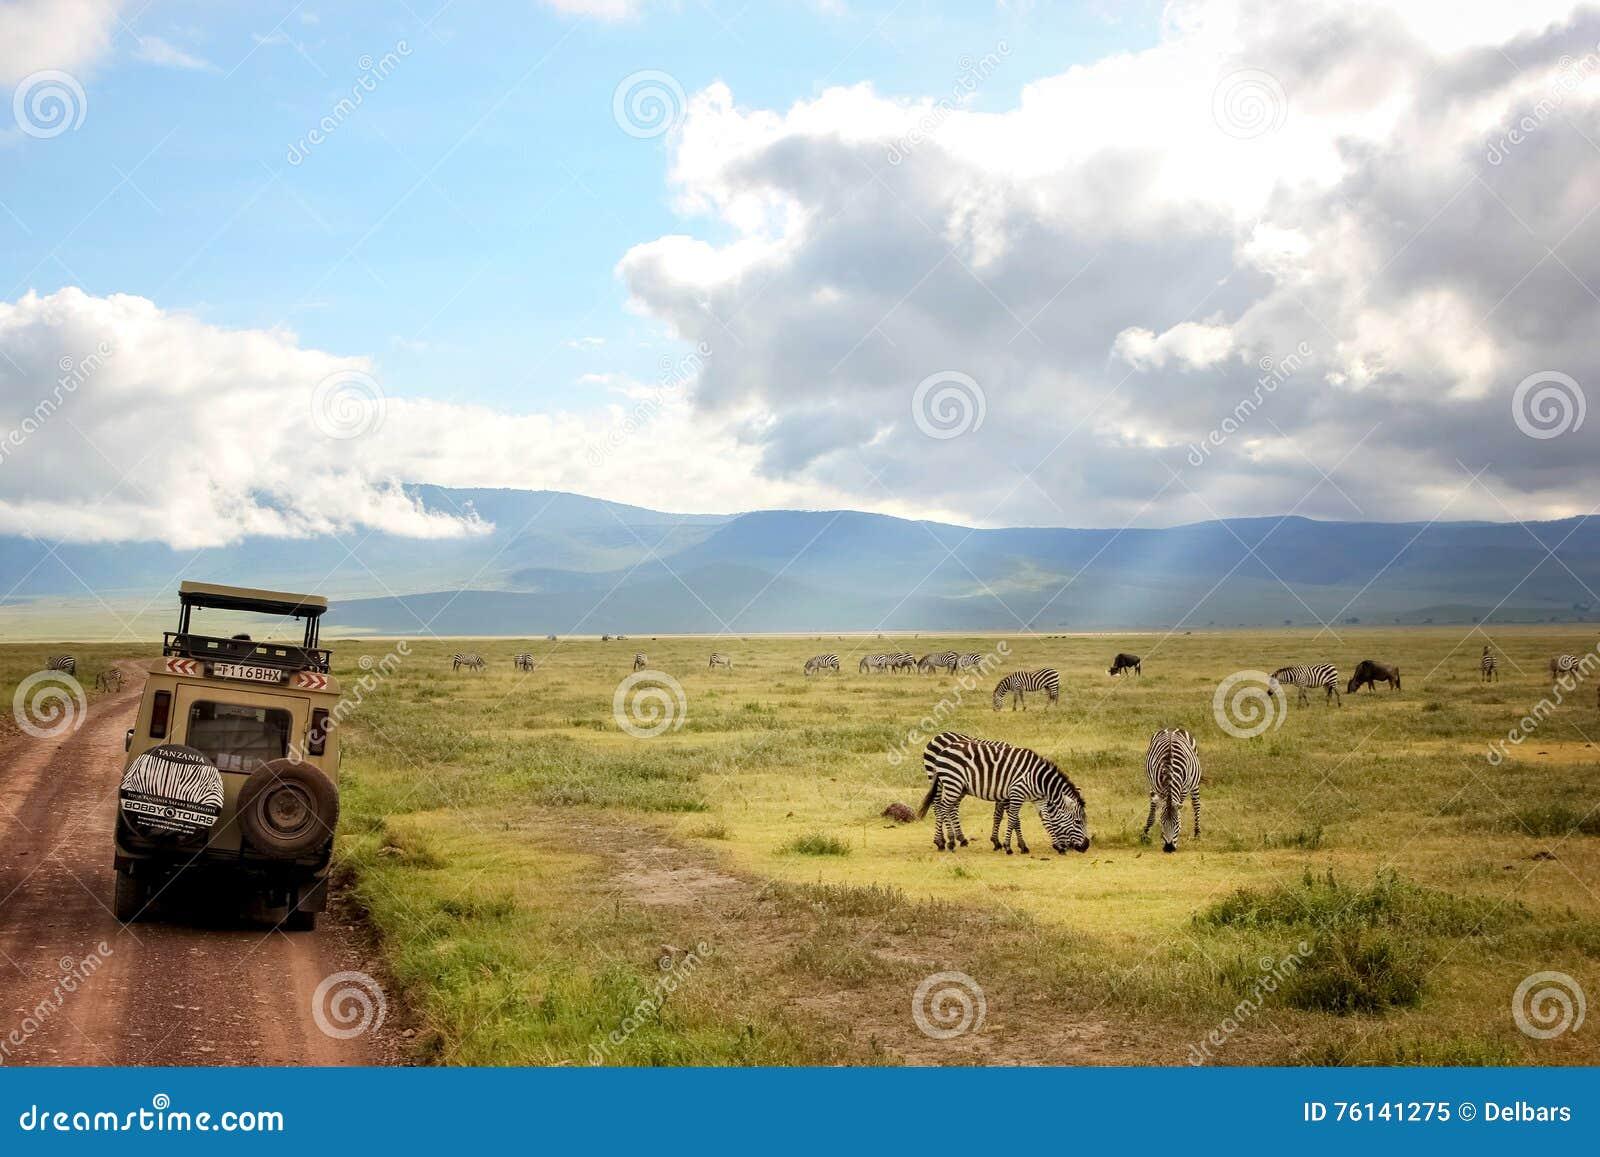 Afrika, Tanzania, Ngorongoro-Krater - Maart 2016: Jeepsafari